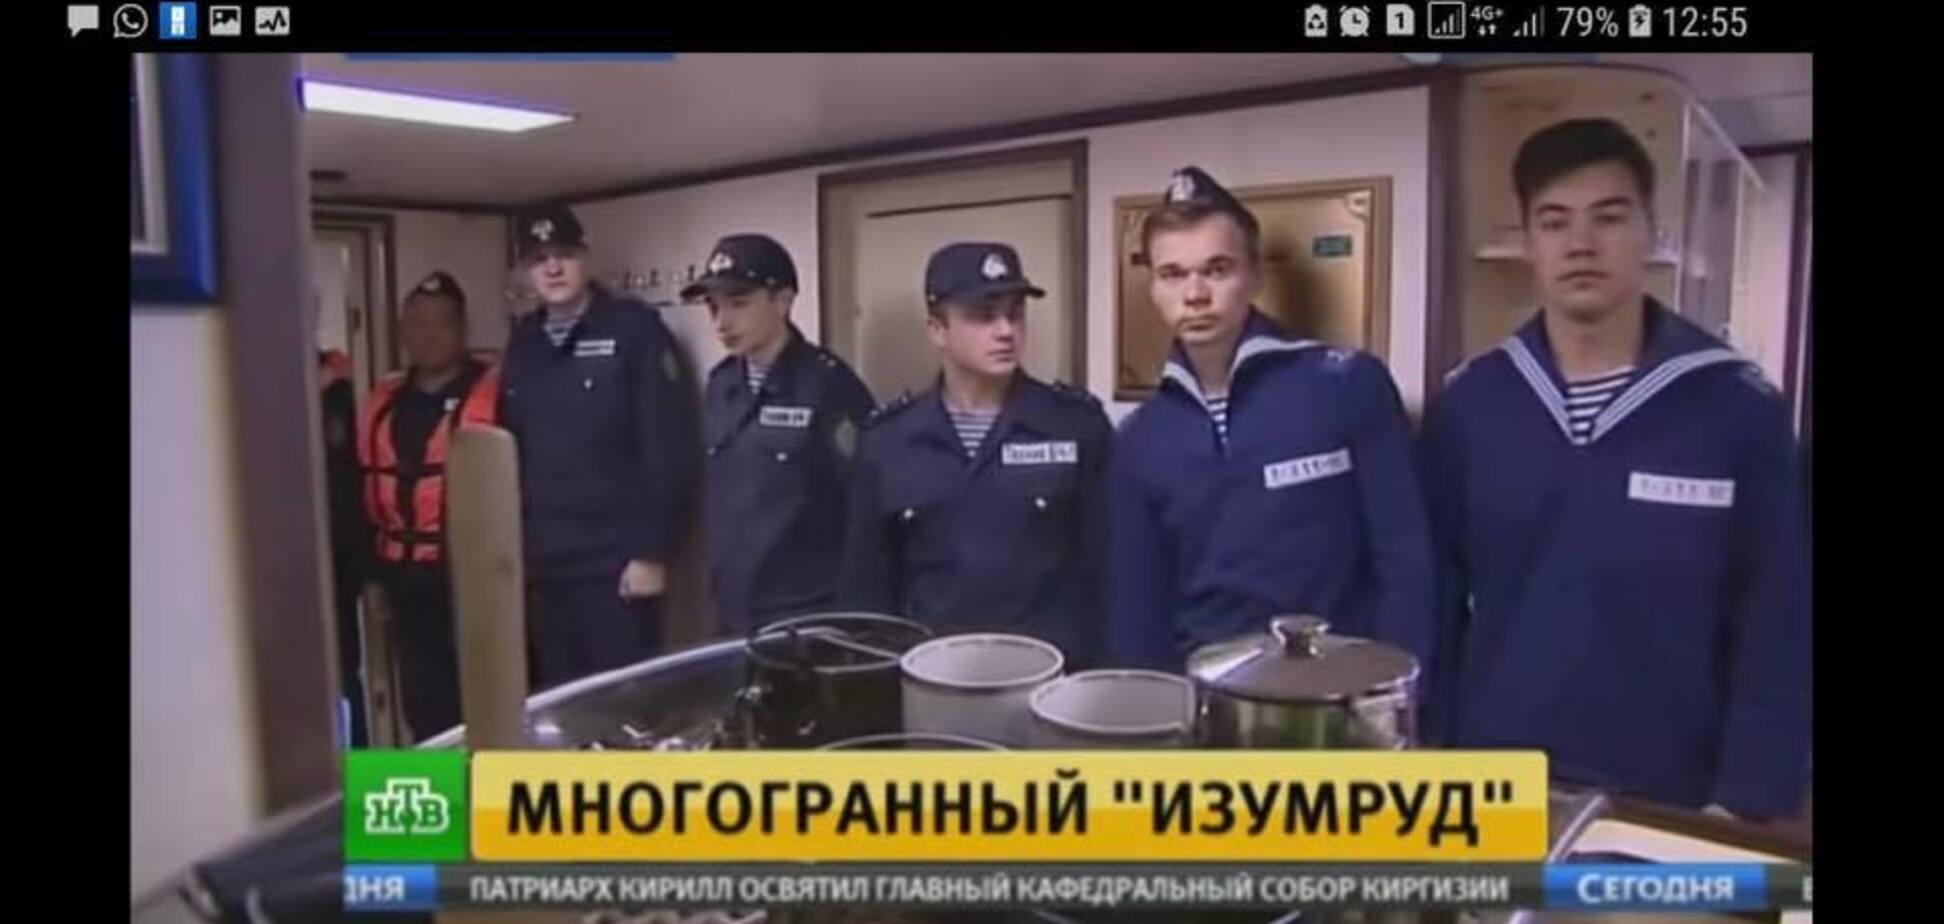 ''Русоф*шисти!'' Луценко назвав імена працівників ФСБ, які обстріляли українських моряків